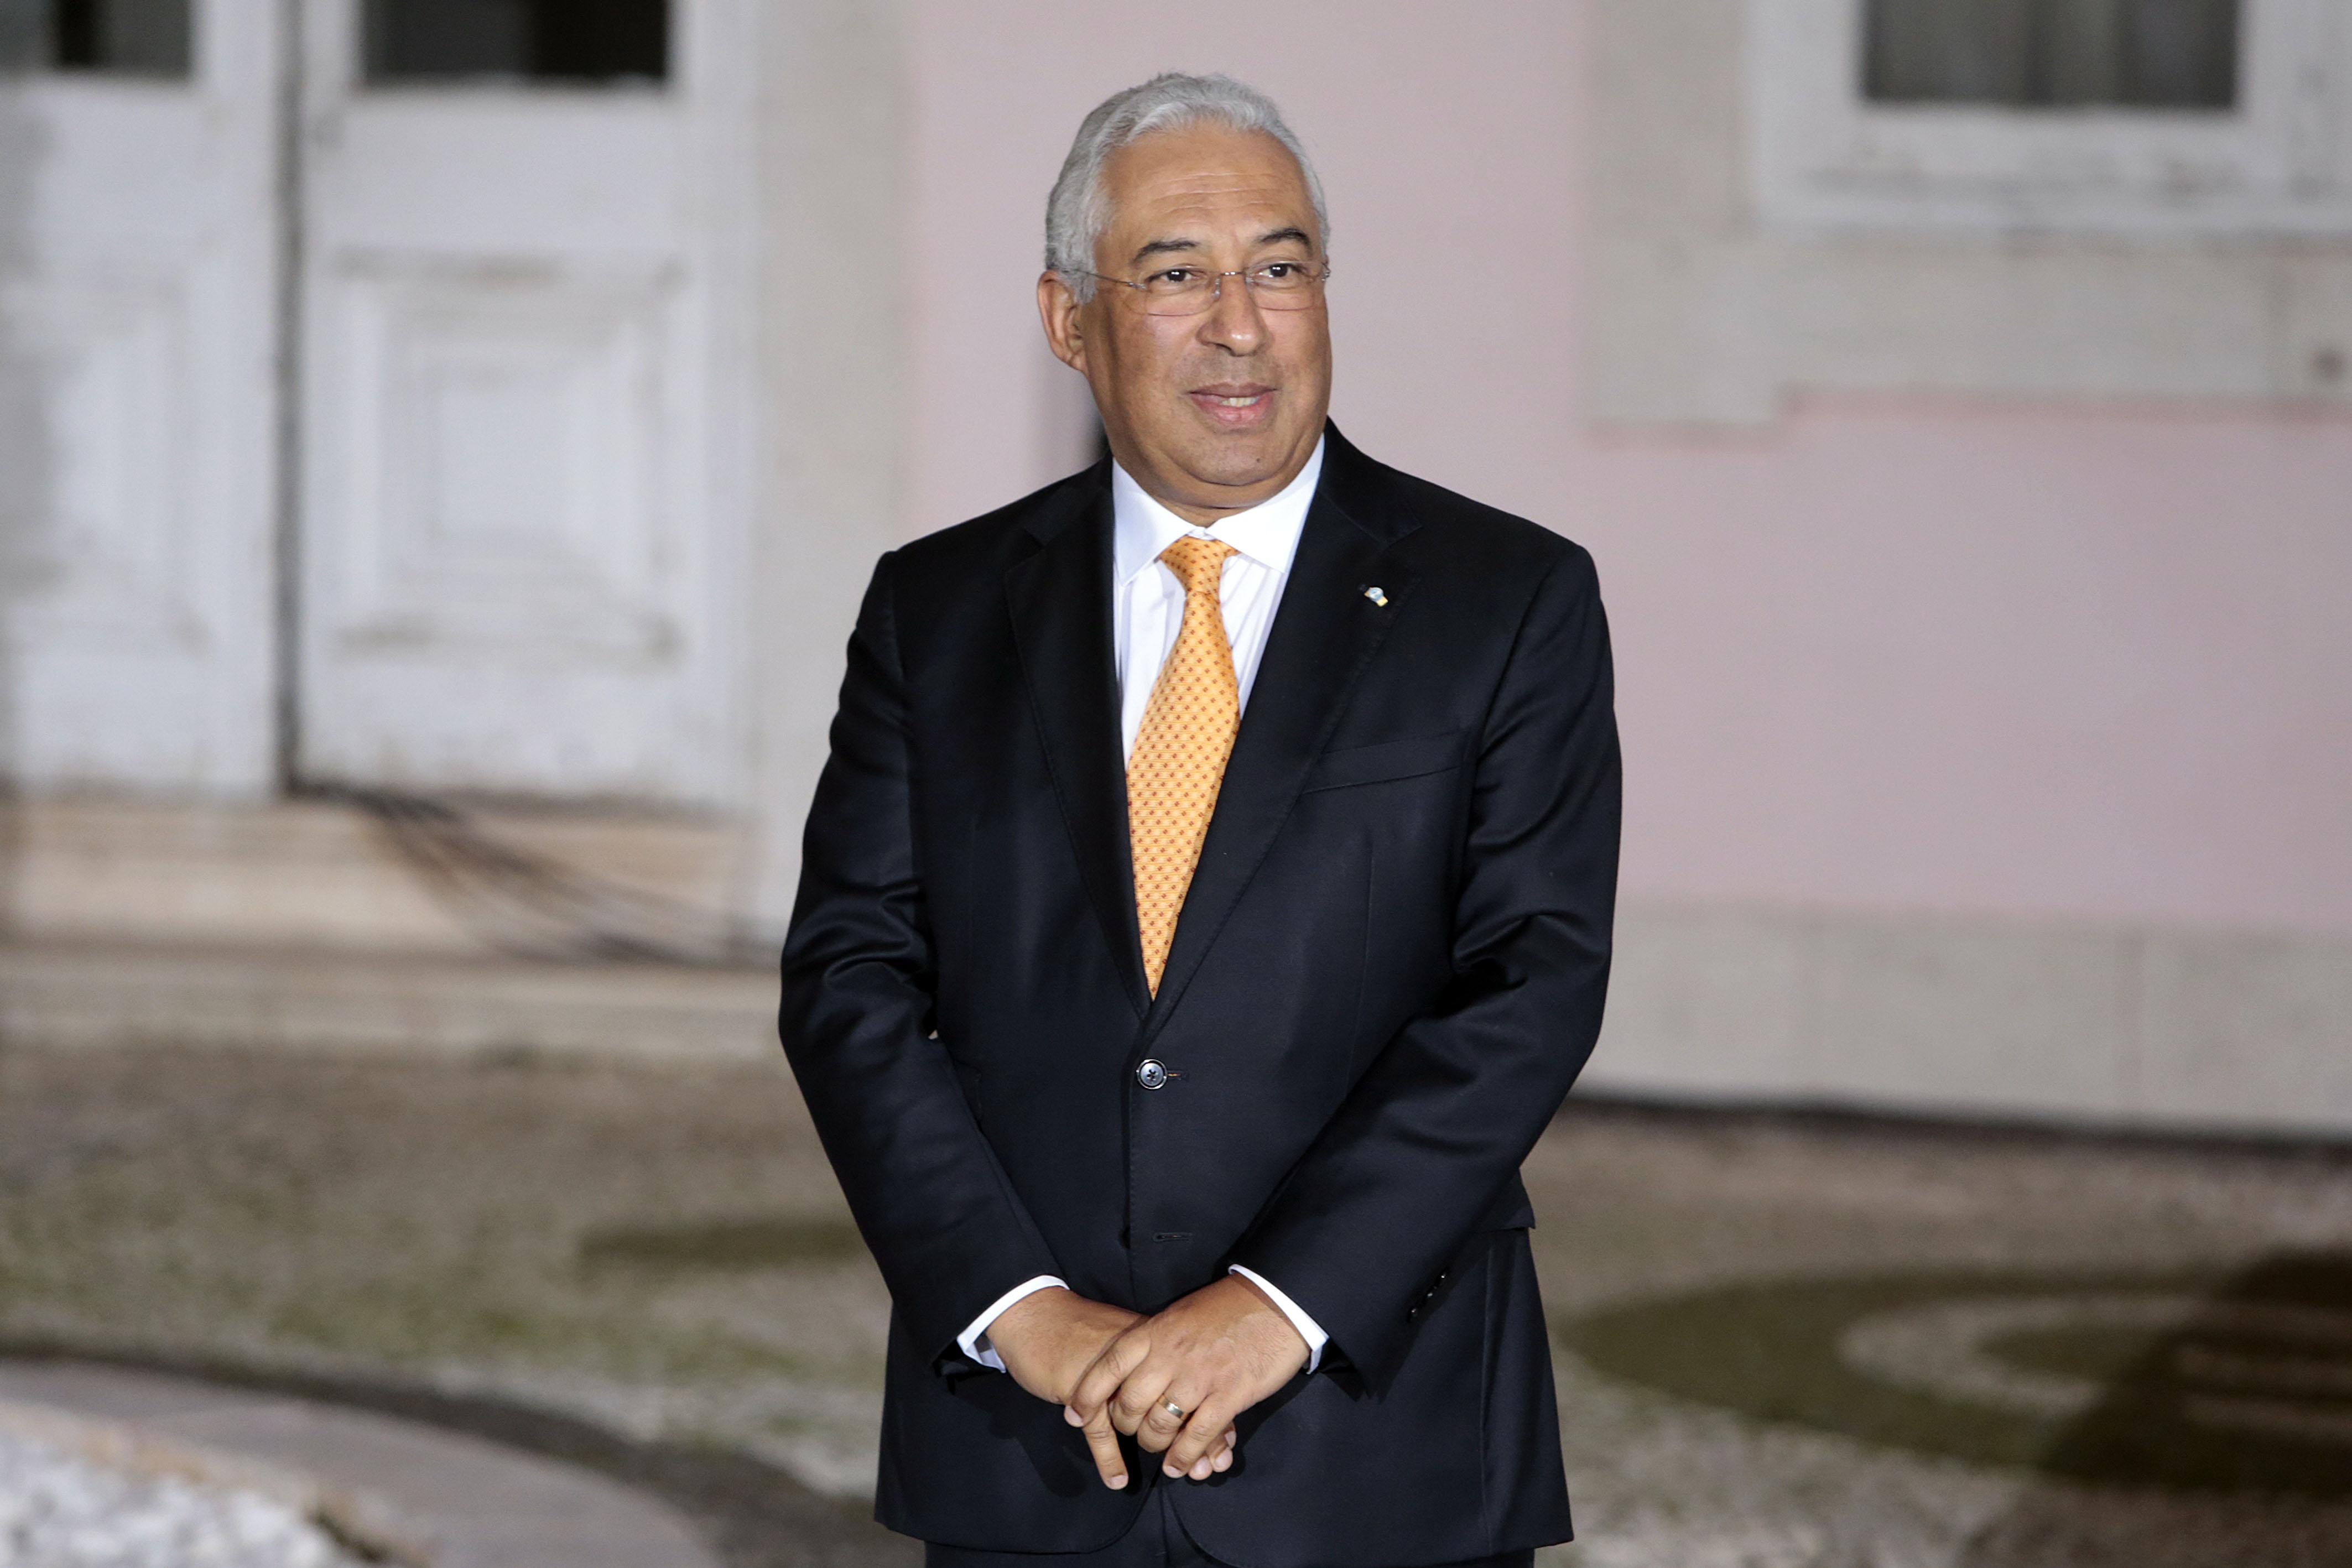 Primeiro-ministro António Costa estará na sessão de inauguração do evento. / Gtres